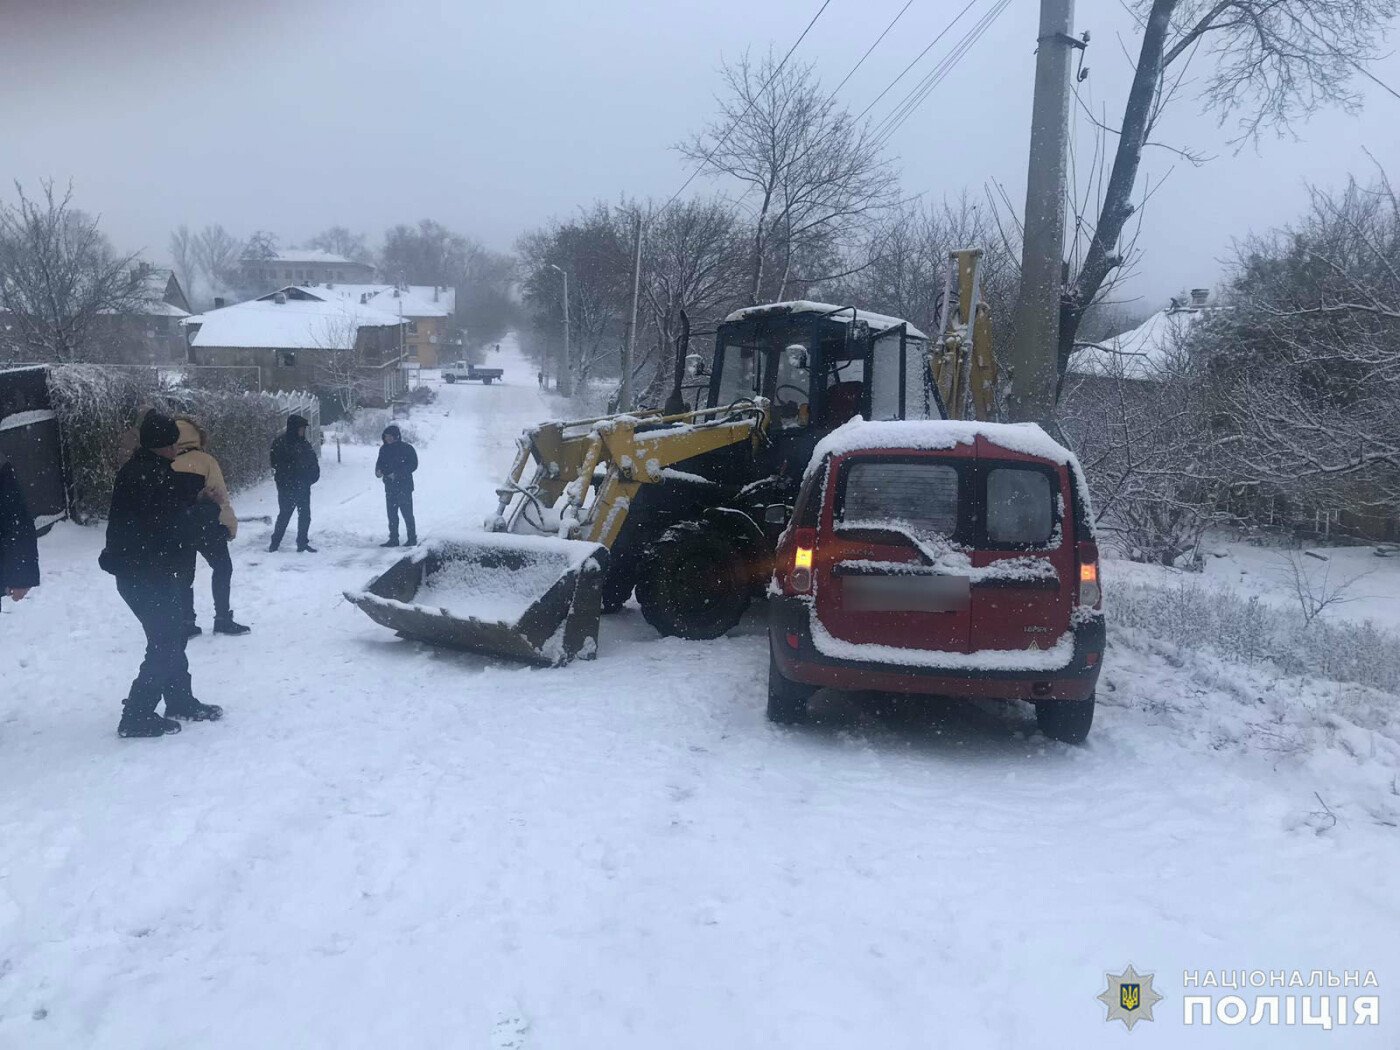 Итог первого снежного дня в Дружковке - три ДТП, фото-4